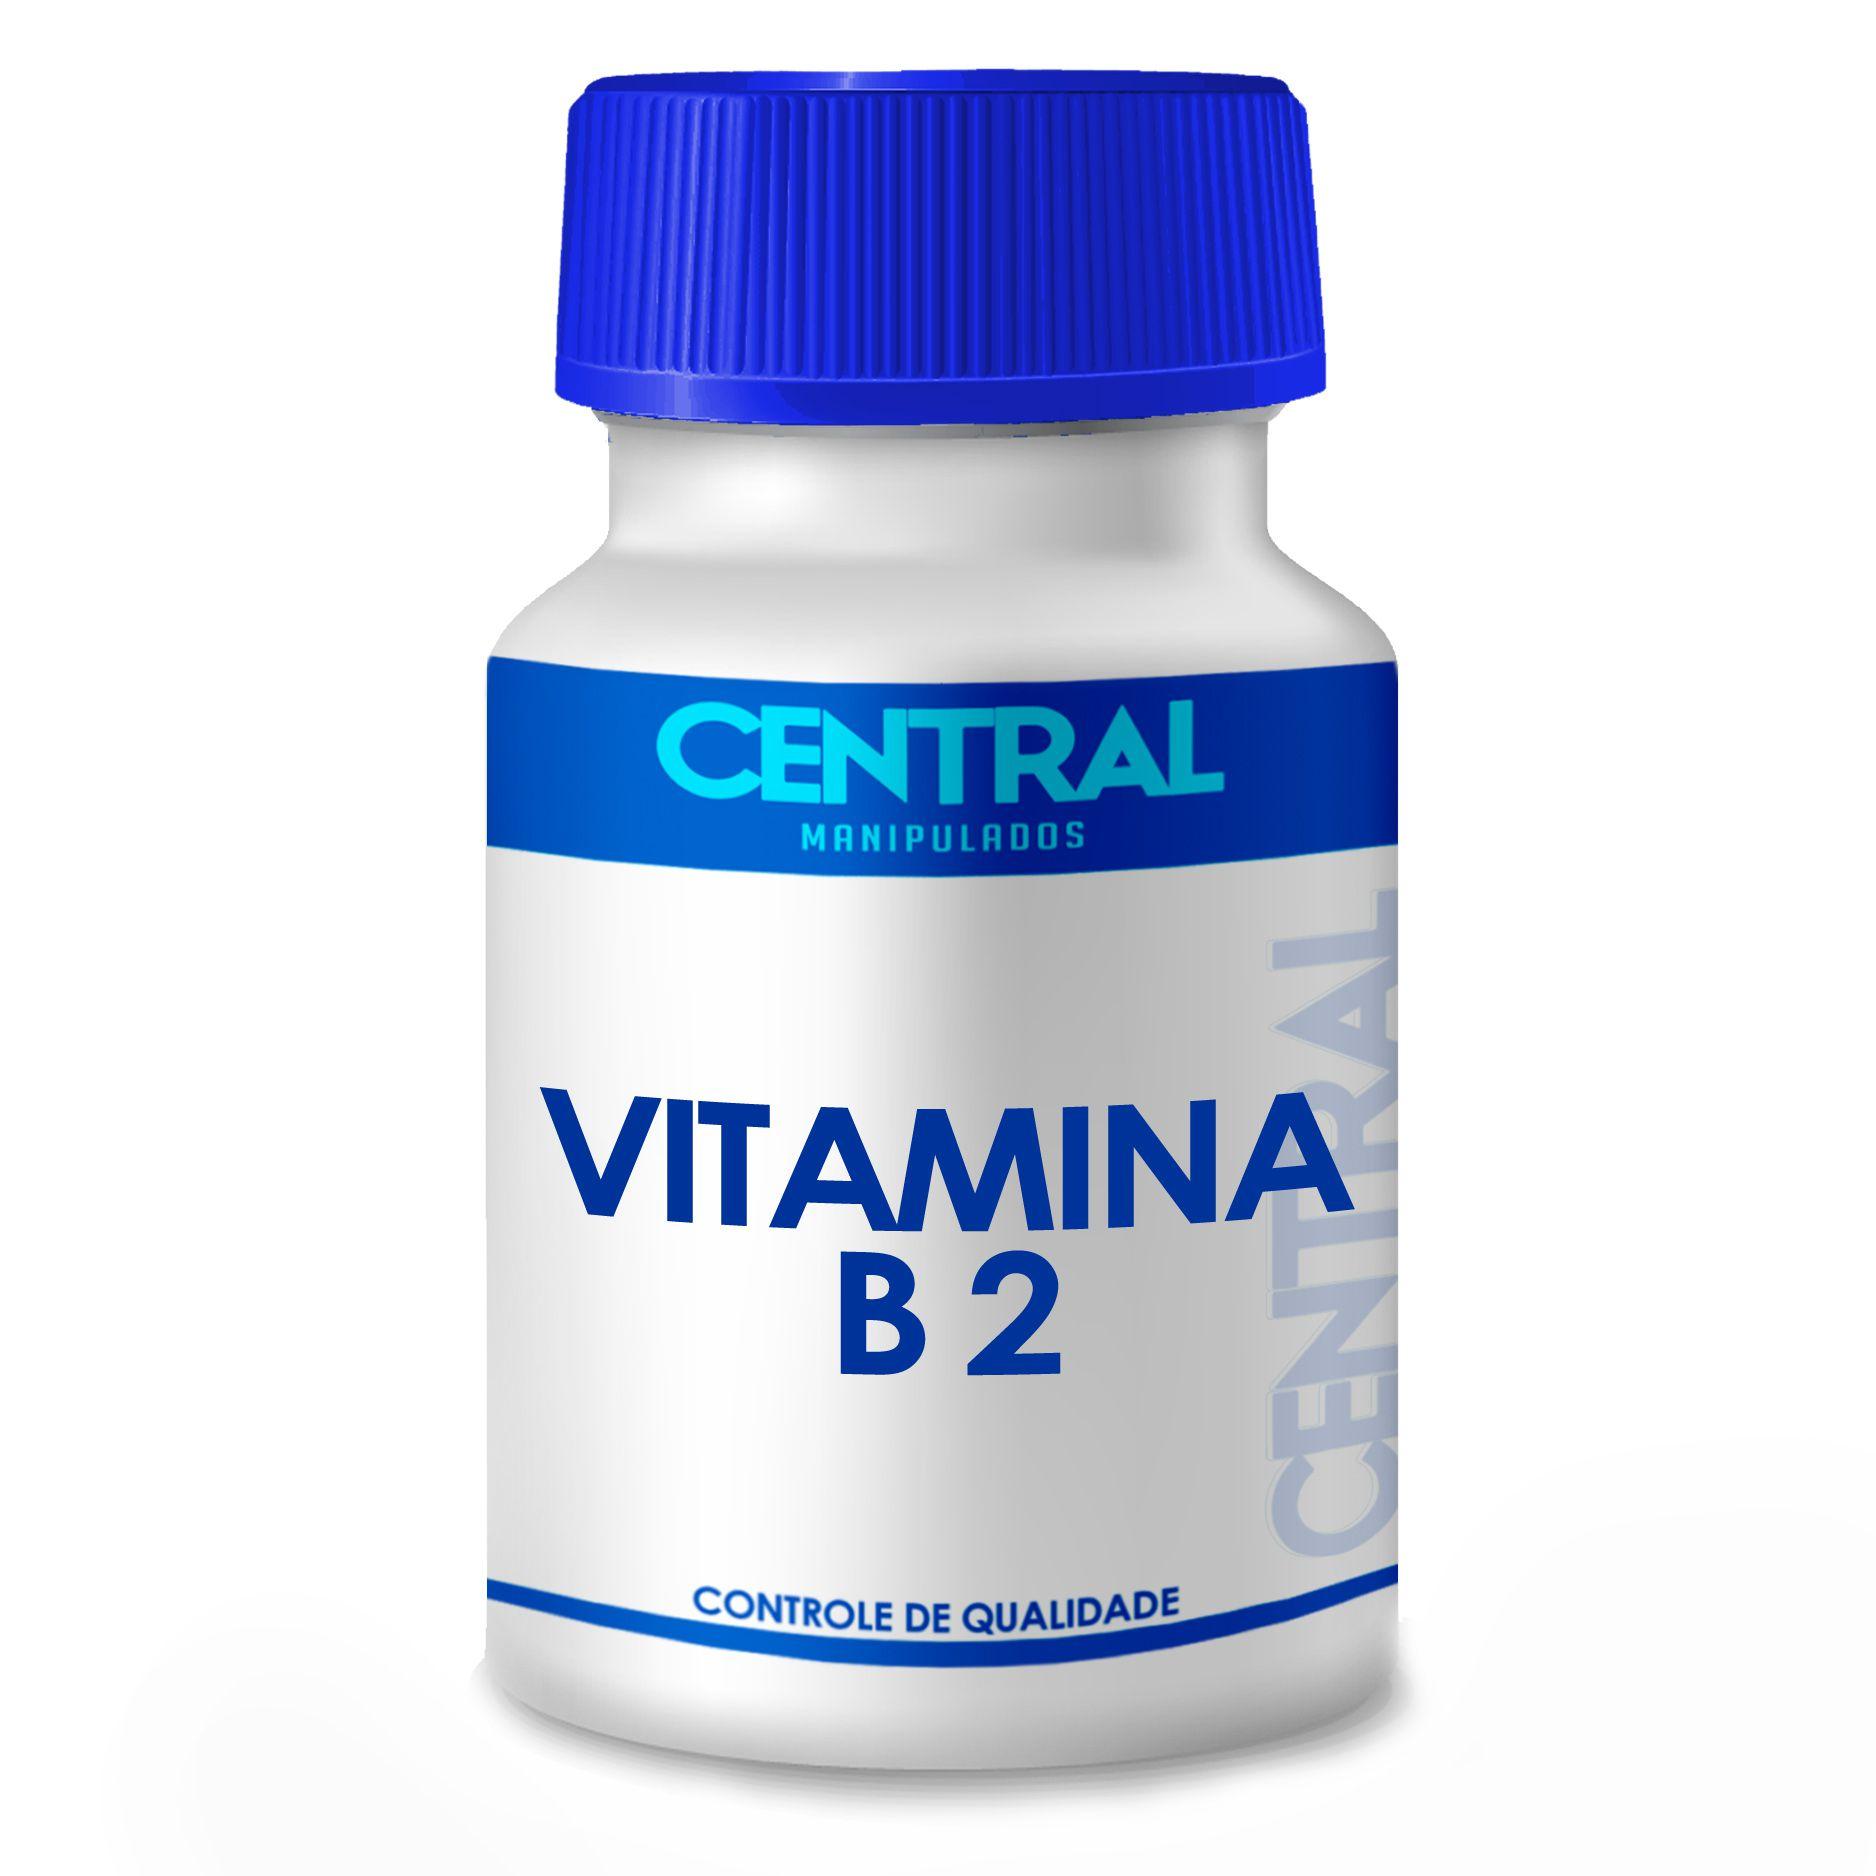 Vitamina B2 - Riboflavina - Indicada nos esportes de alta performance, na hemodiálise crônica e na inflamação crônica do intestino -50mg 90 cápsulas